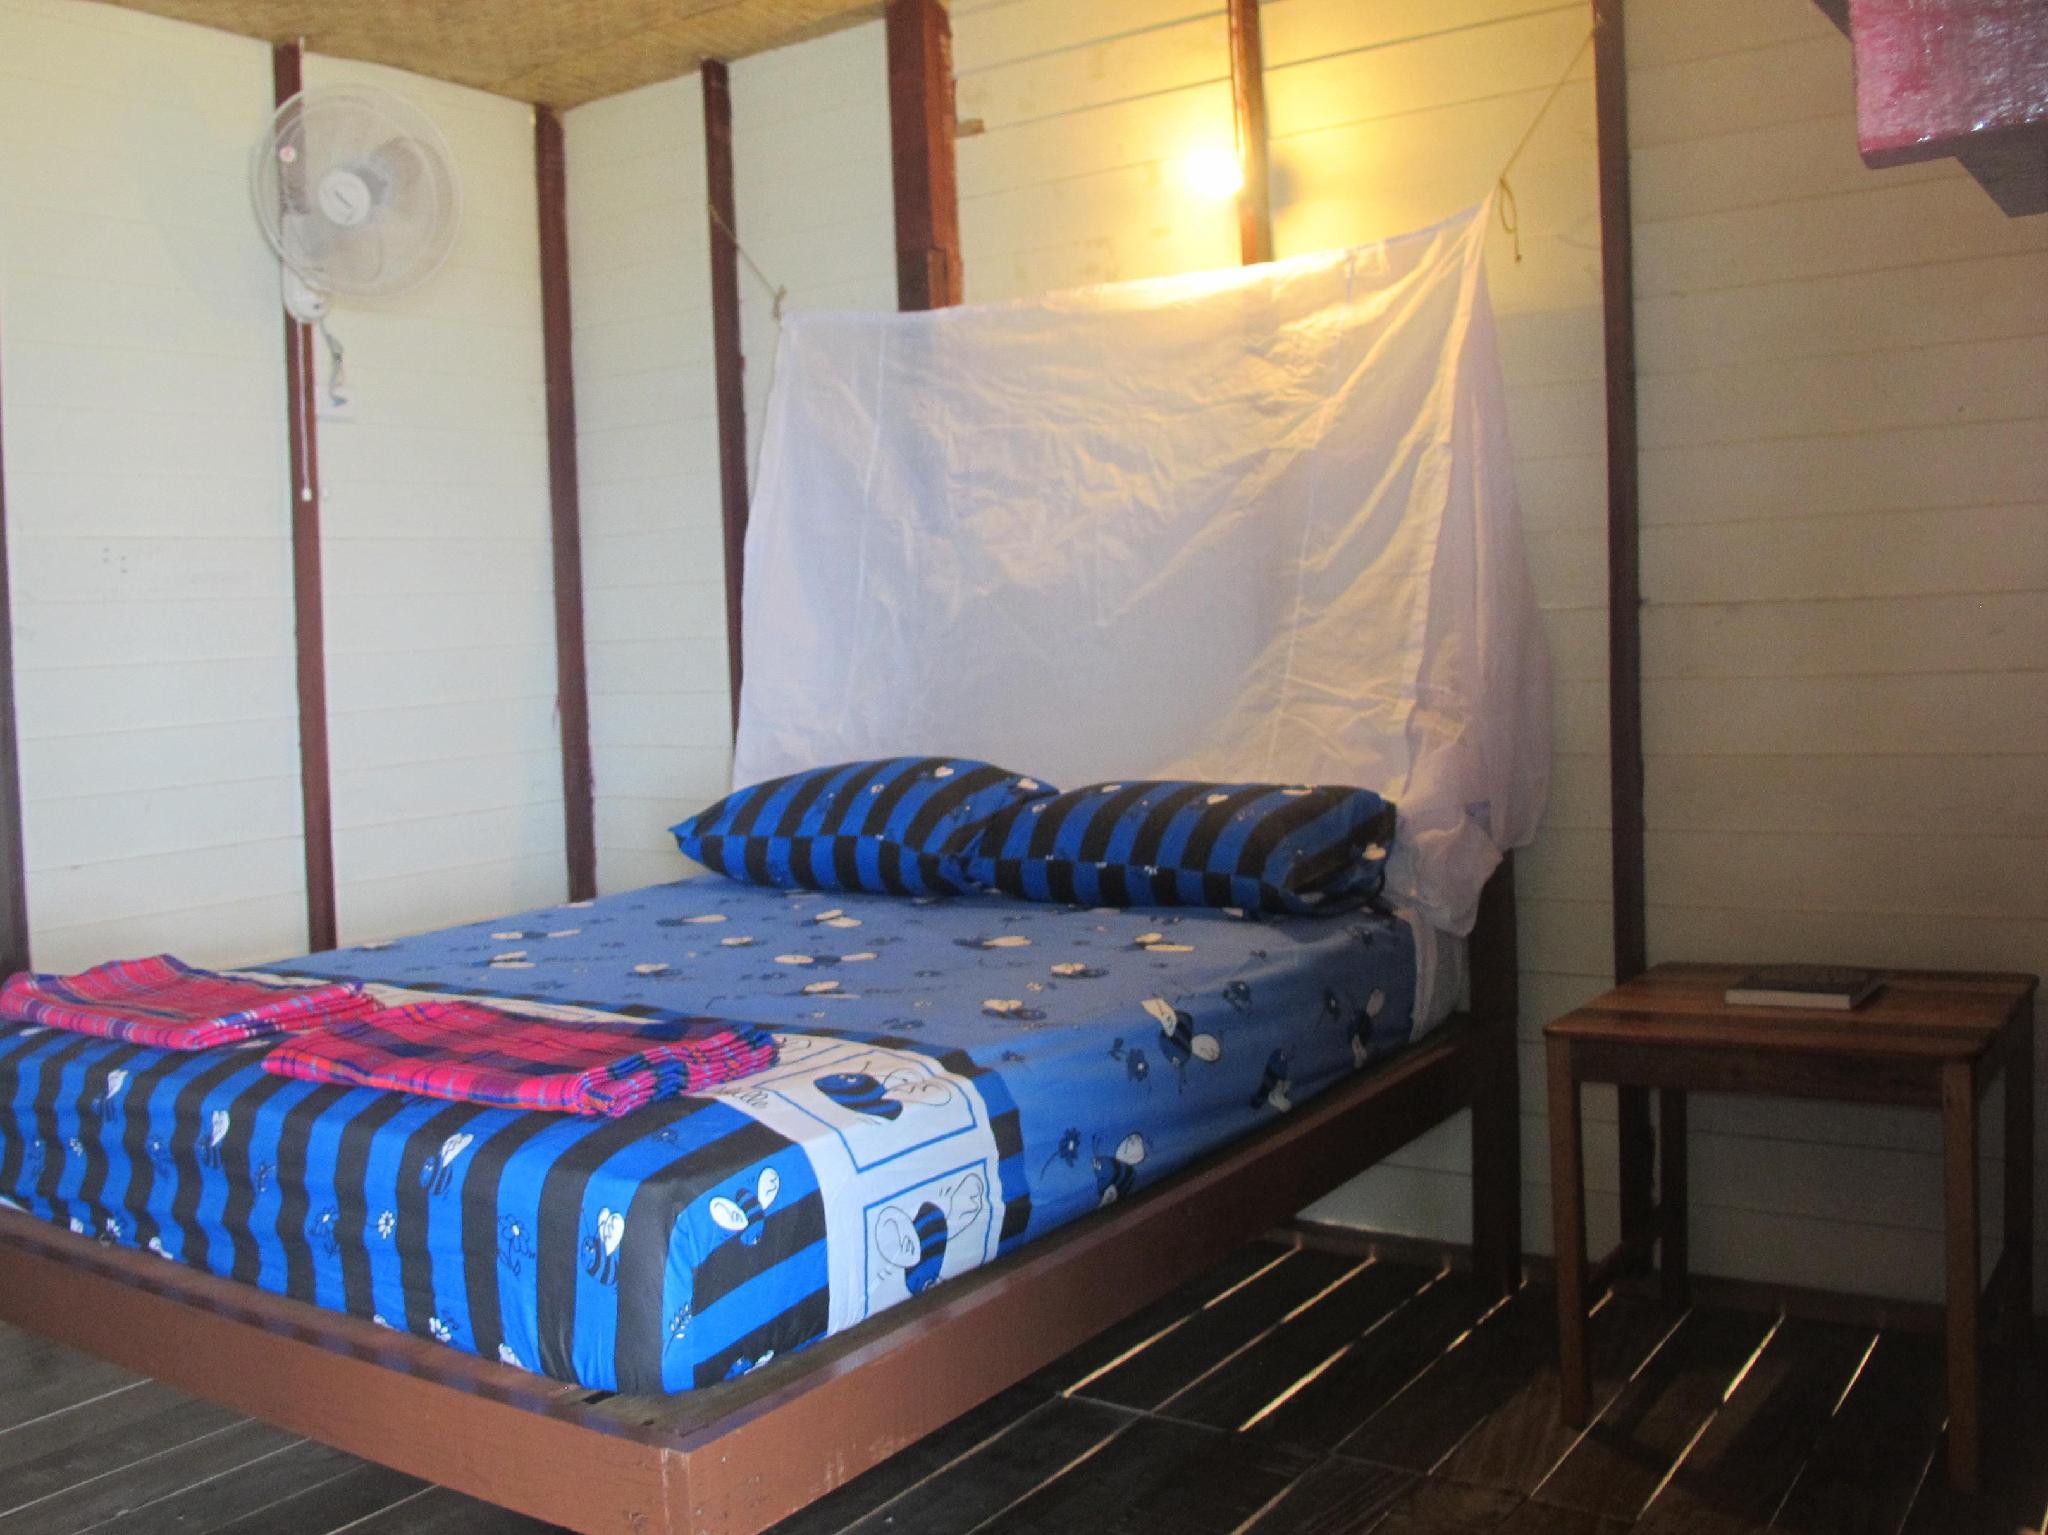 背景墙 床 房间 家居 家具 设计 卧室 卧室装修 现代 装修 3238_2428